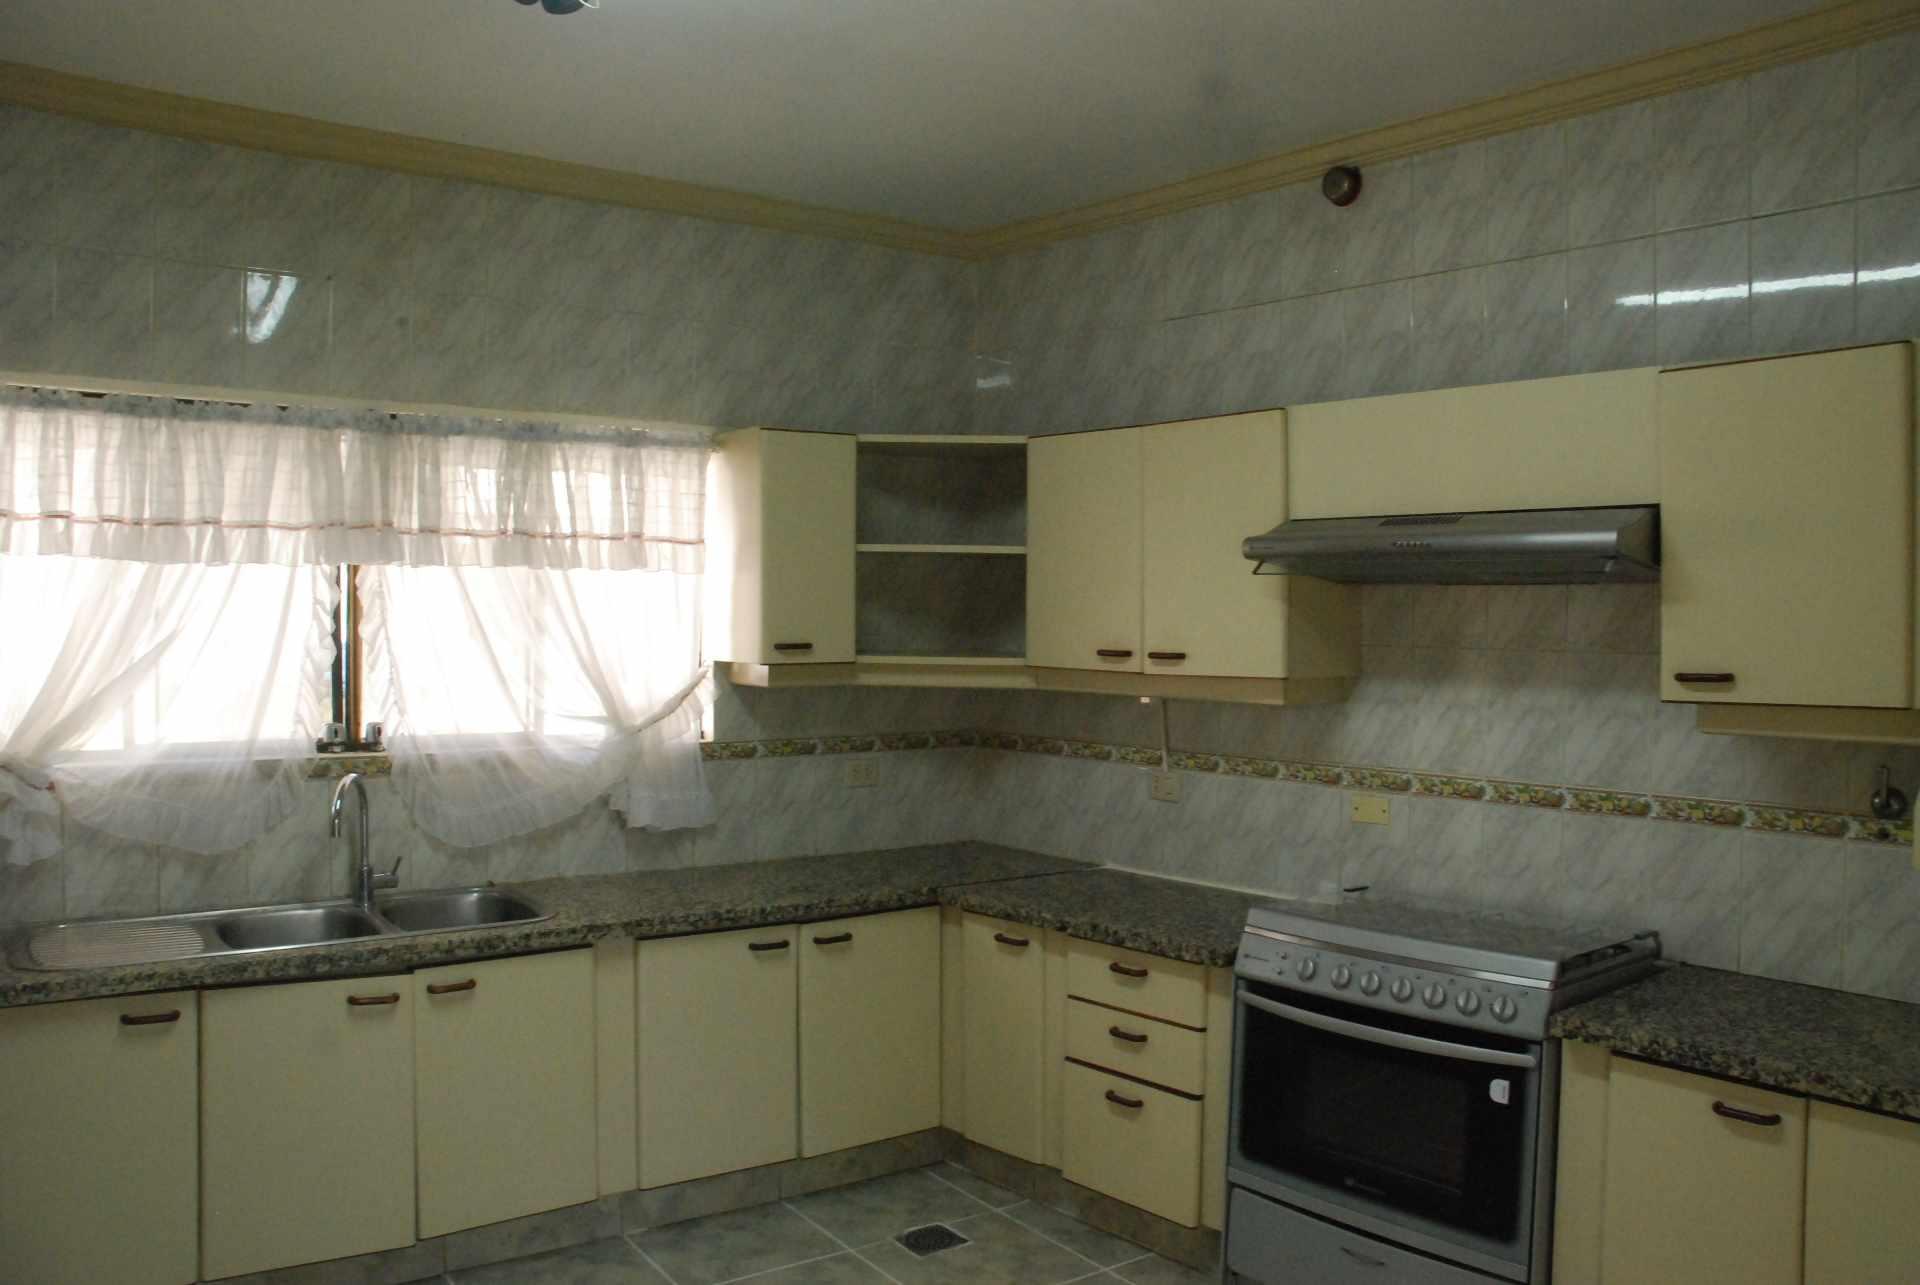 Casa en Alquiler Condominio Barrio Norte , al lado del Mall Las Brisas, 4to anillo Avenida Banzer. Foto 11